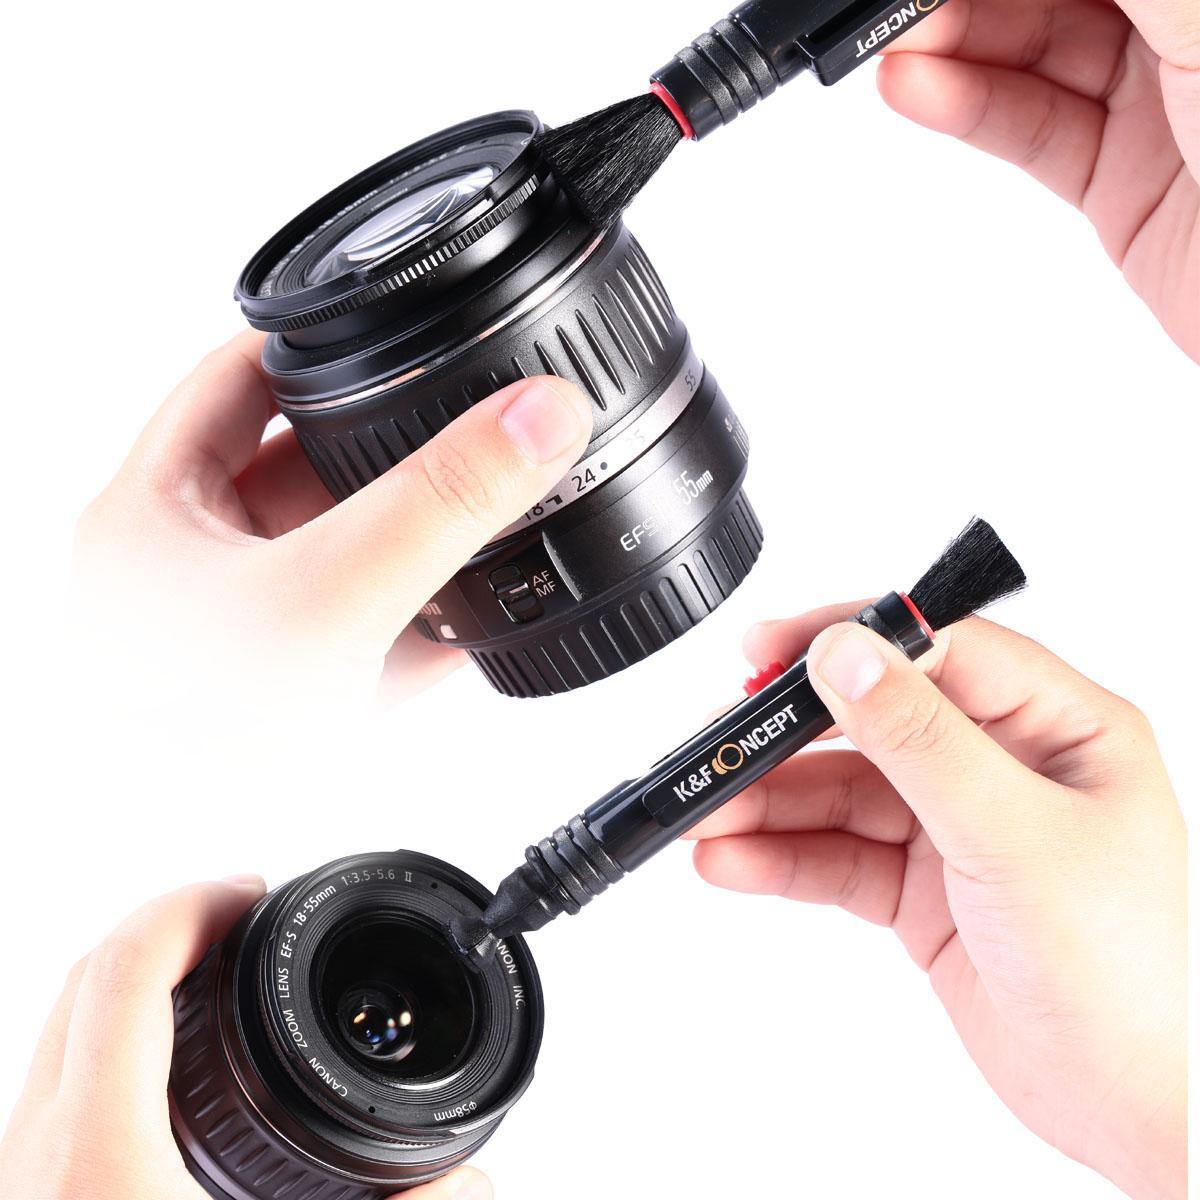 3in1 DSLR Camera Cleaning Kit (Lens Dust Blower Cleaner + Cleaning Pen + Macrofiber Cleaning Cloth)